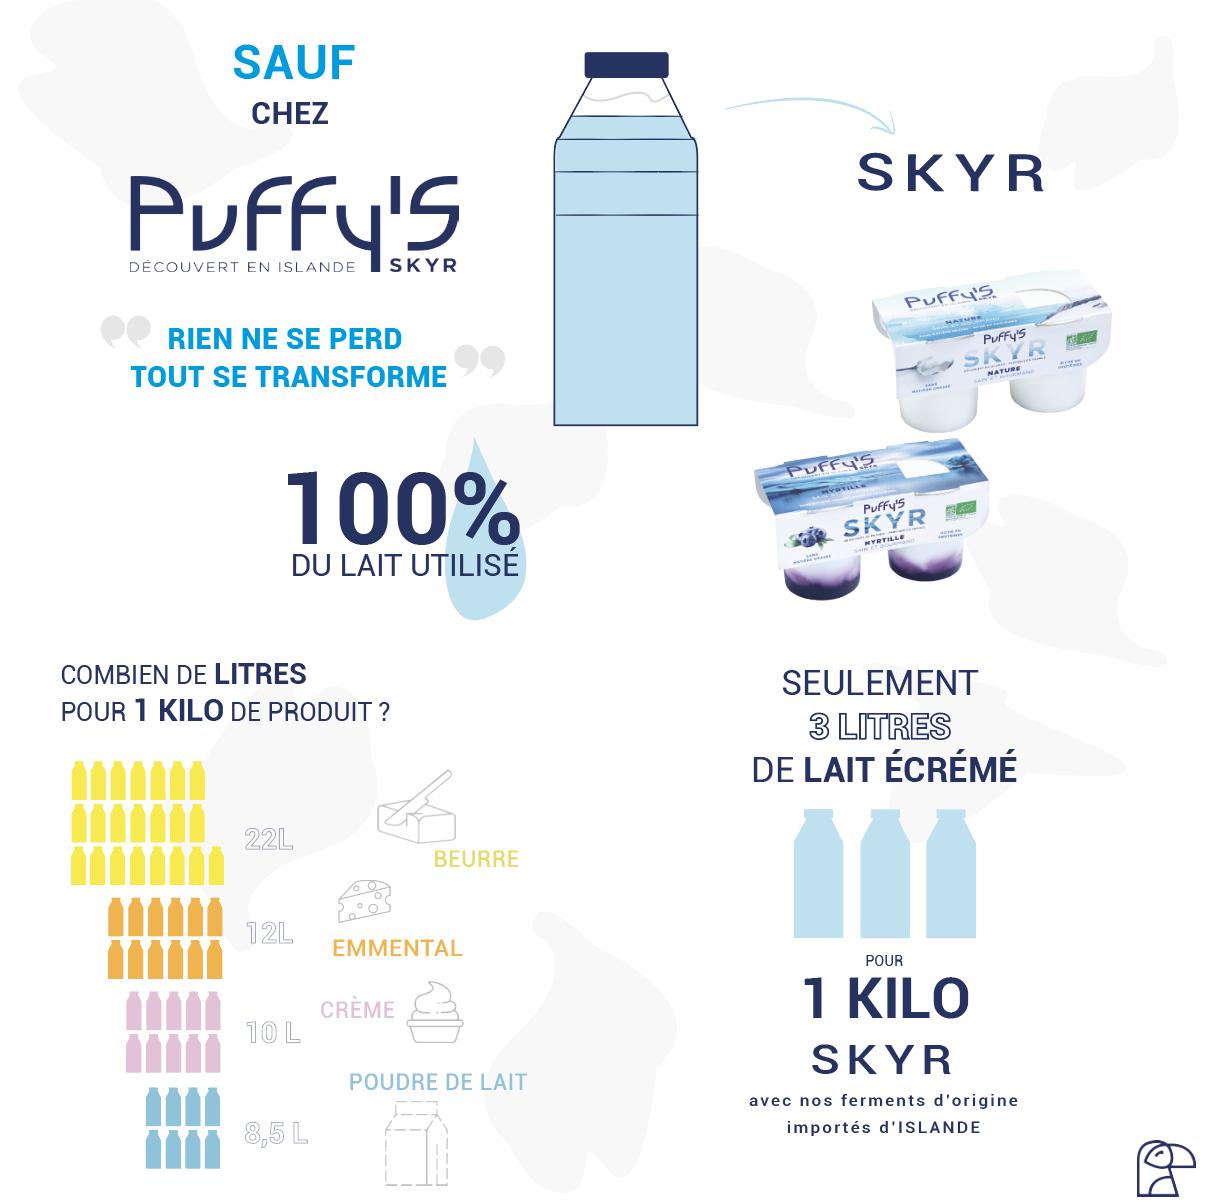 infographie présentant le lait écrémé et le skyr